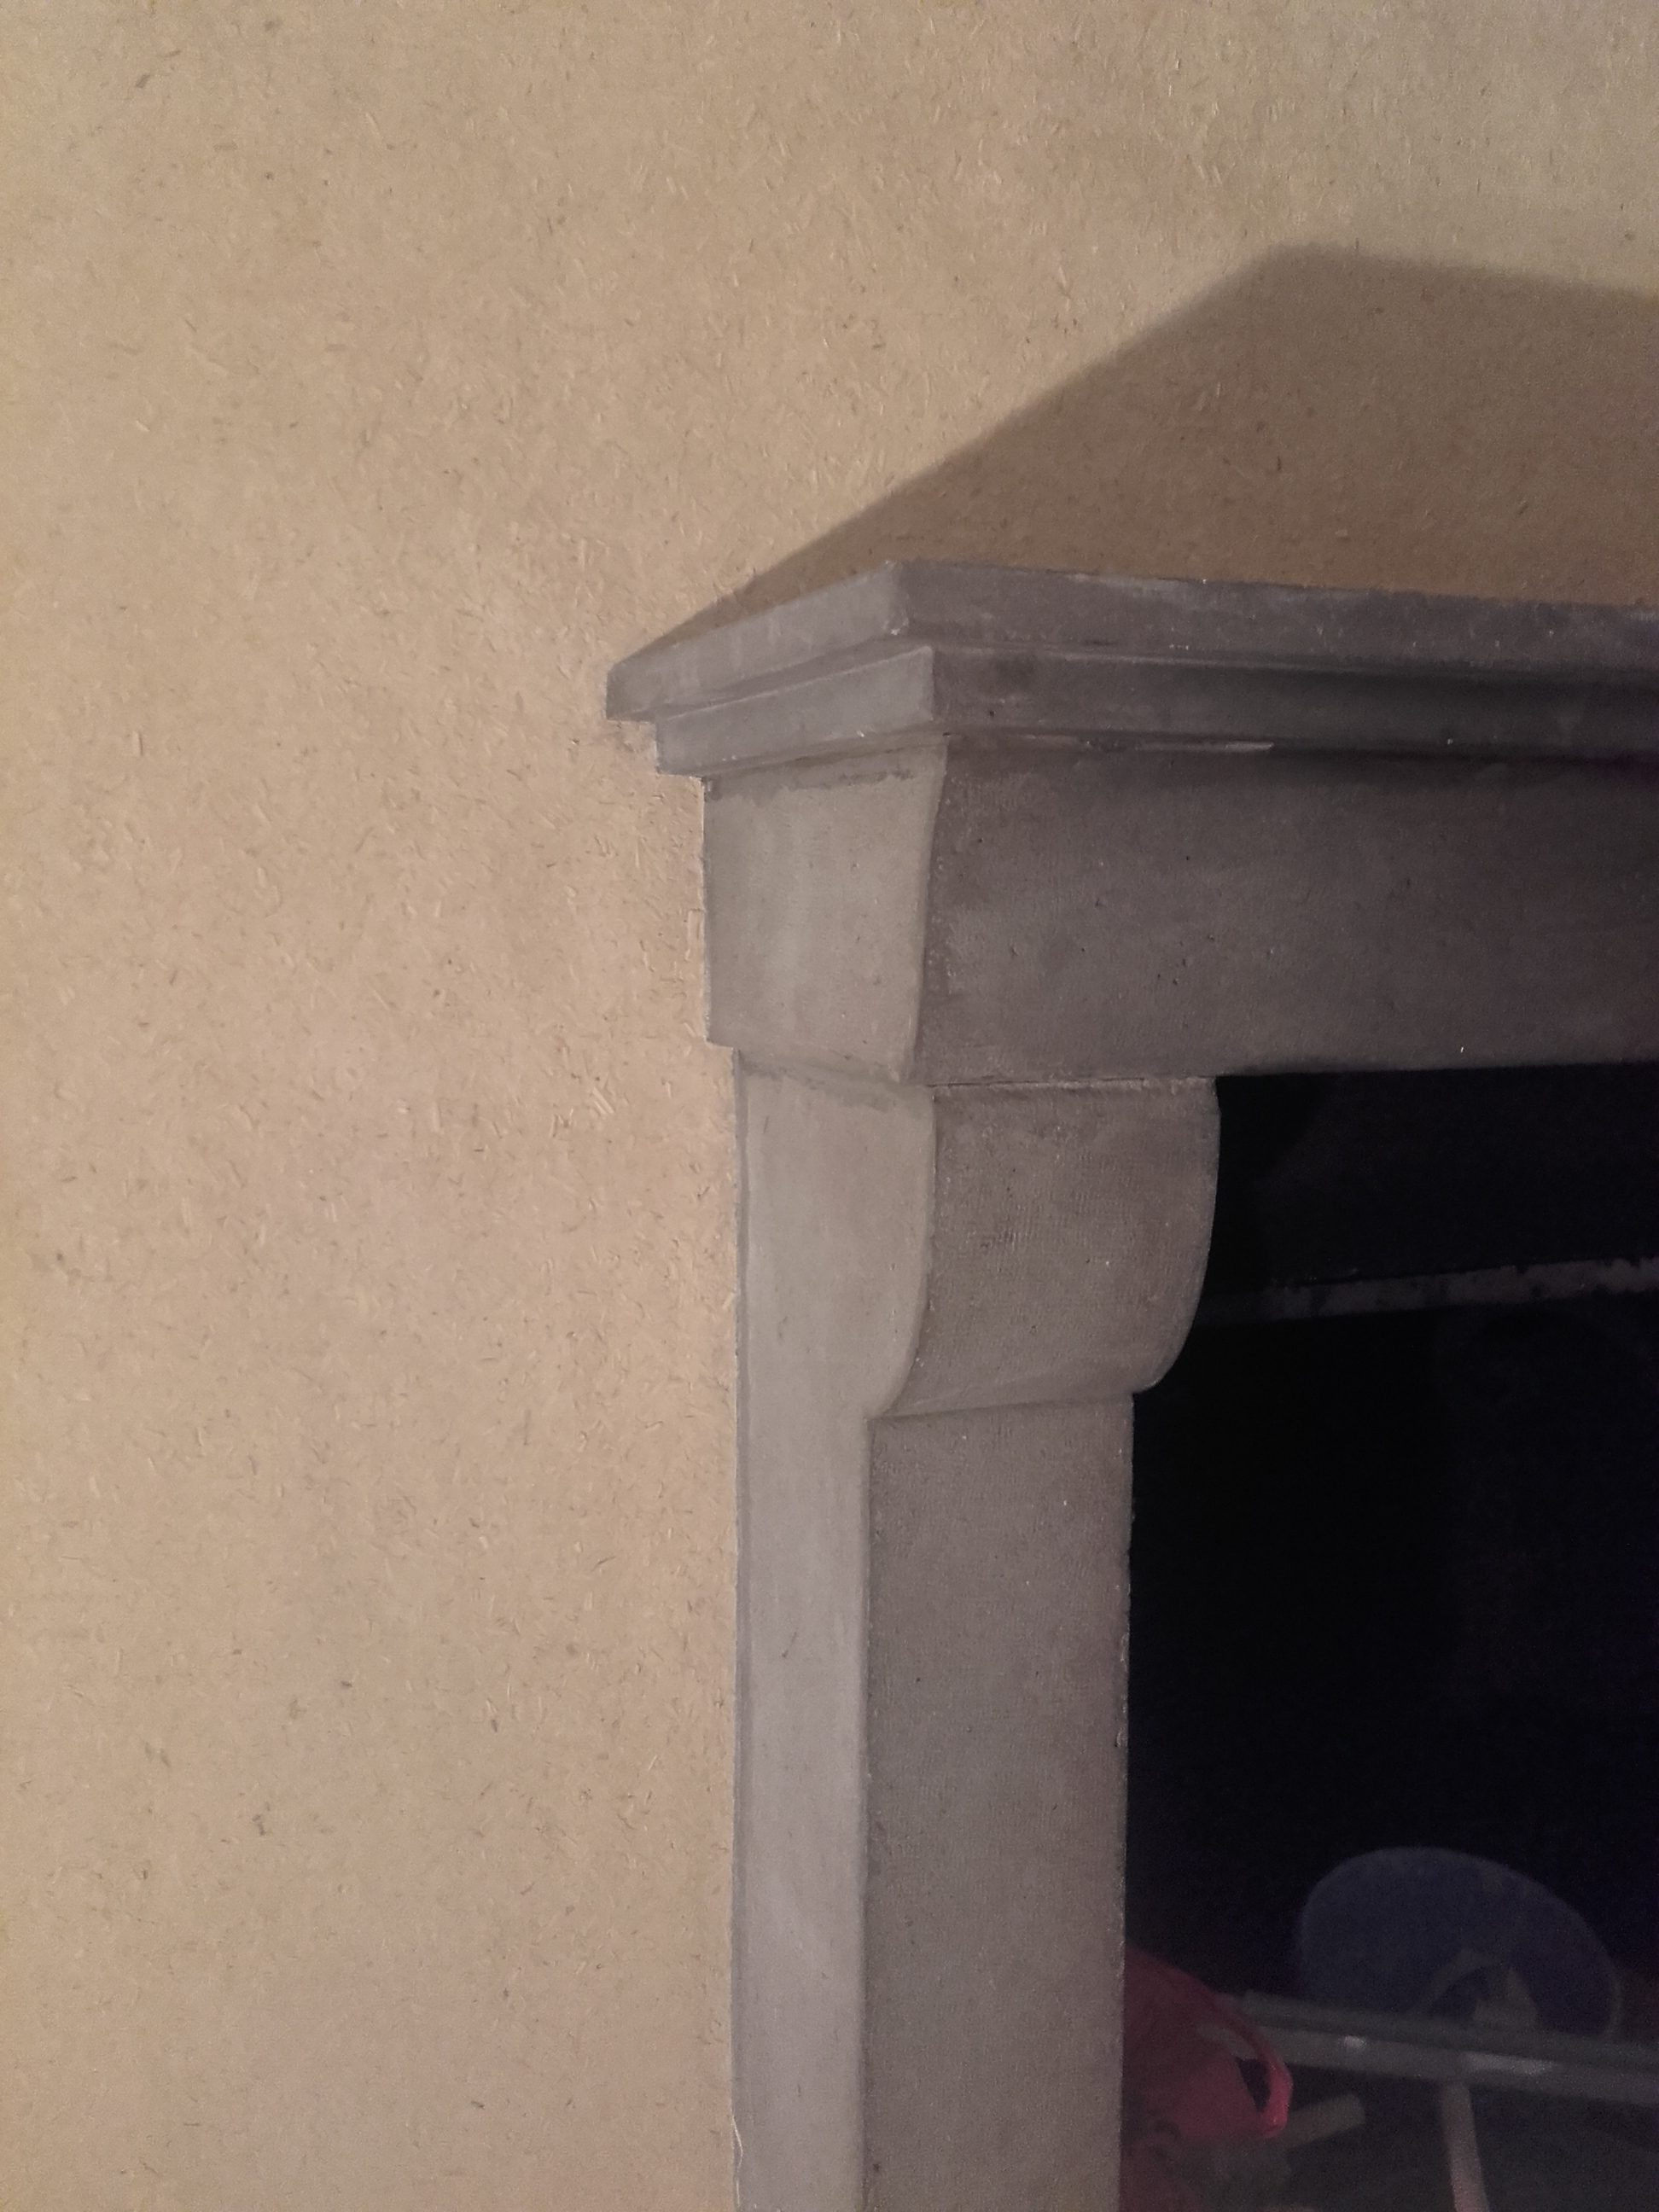 finition naturelle à la chaux idéale dans la rénovation du bâti ancien